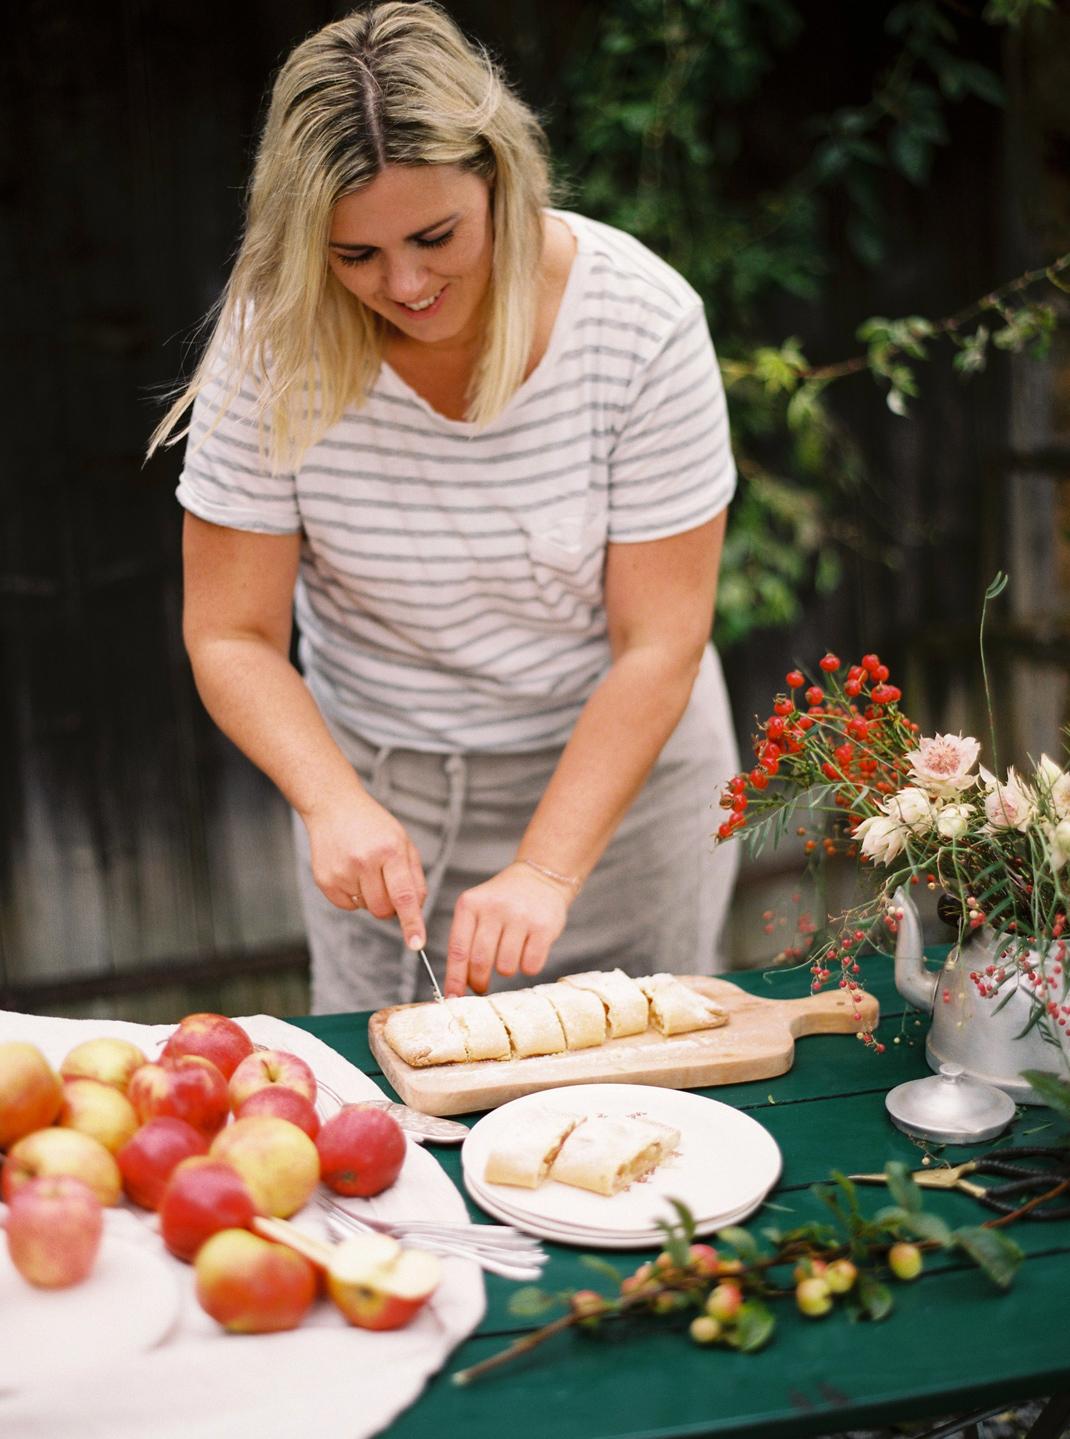 Silvia Fischer. Echte Kuchenliebe. Apfelschlangerl Rezept Foodblog & Backbuch